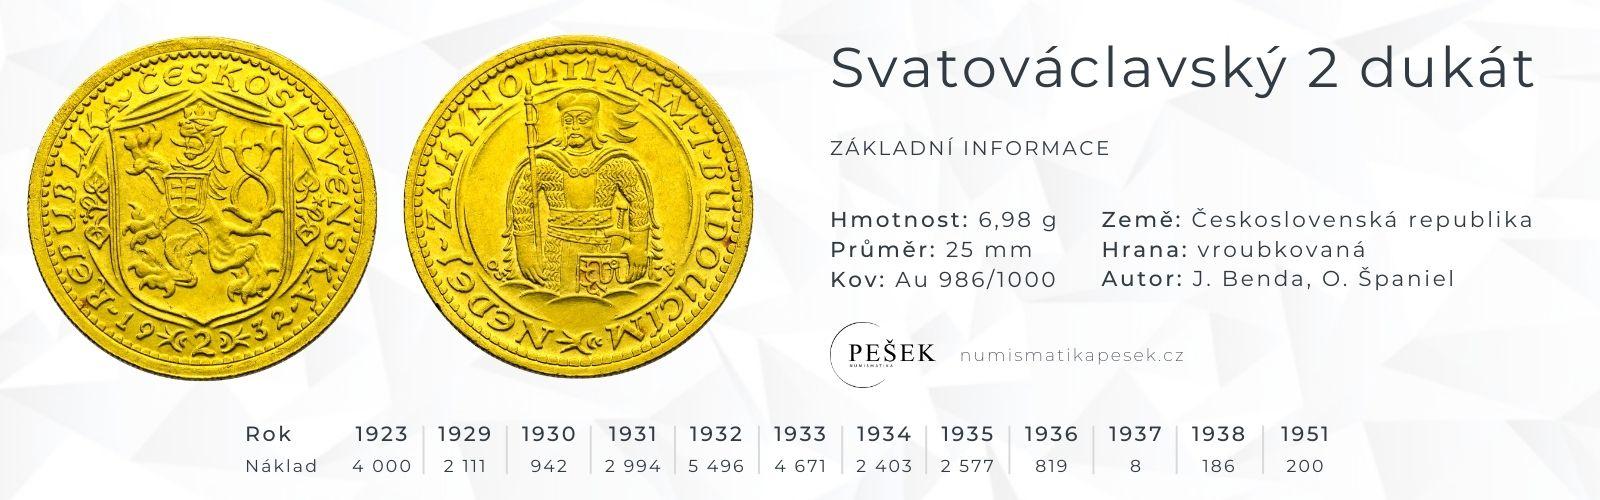 svatovaclavsky-2-dukat